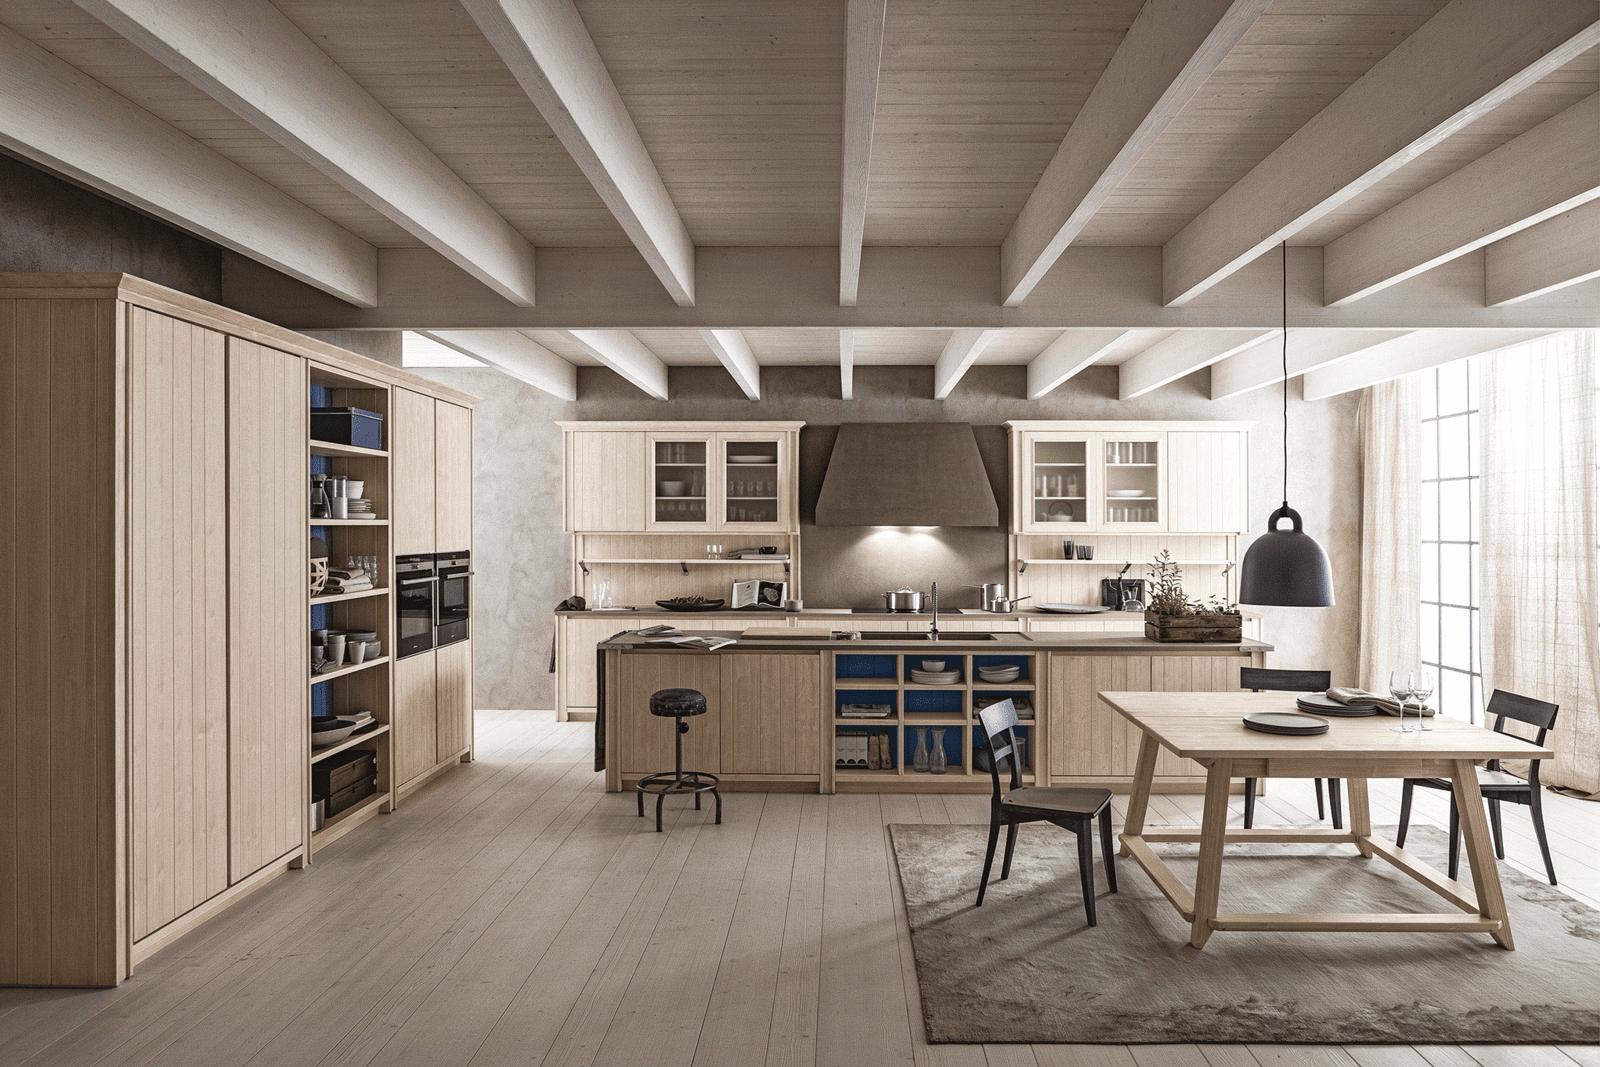 Cucina con l 39 isola il modello ideale a vista sul - Arredamento interno casa moderna ...